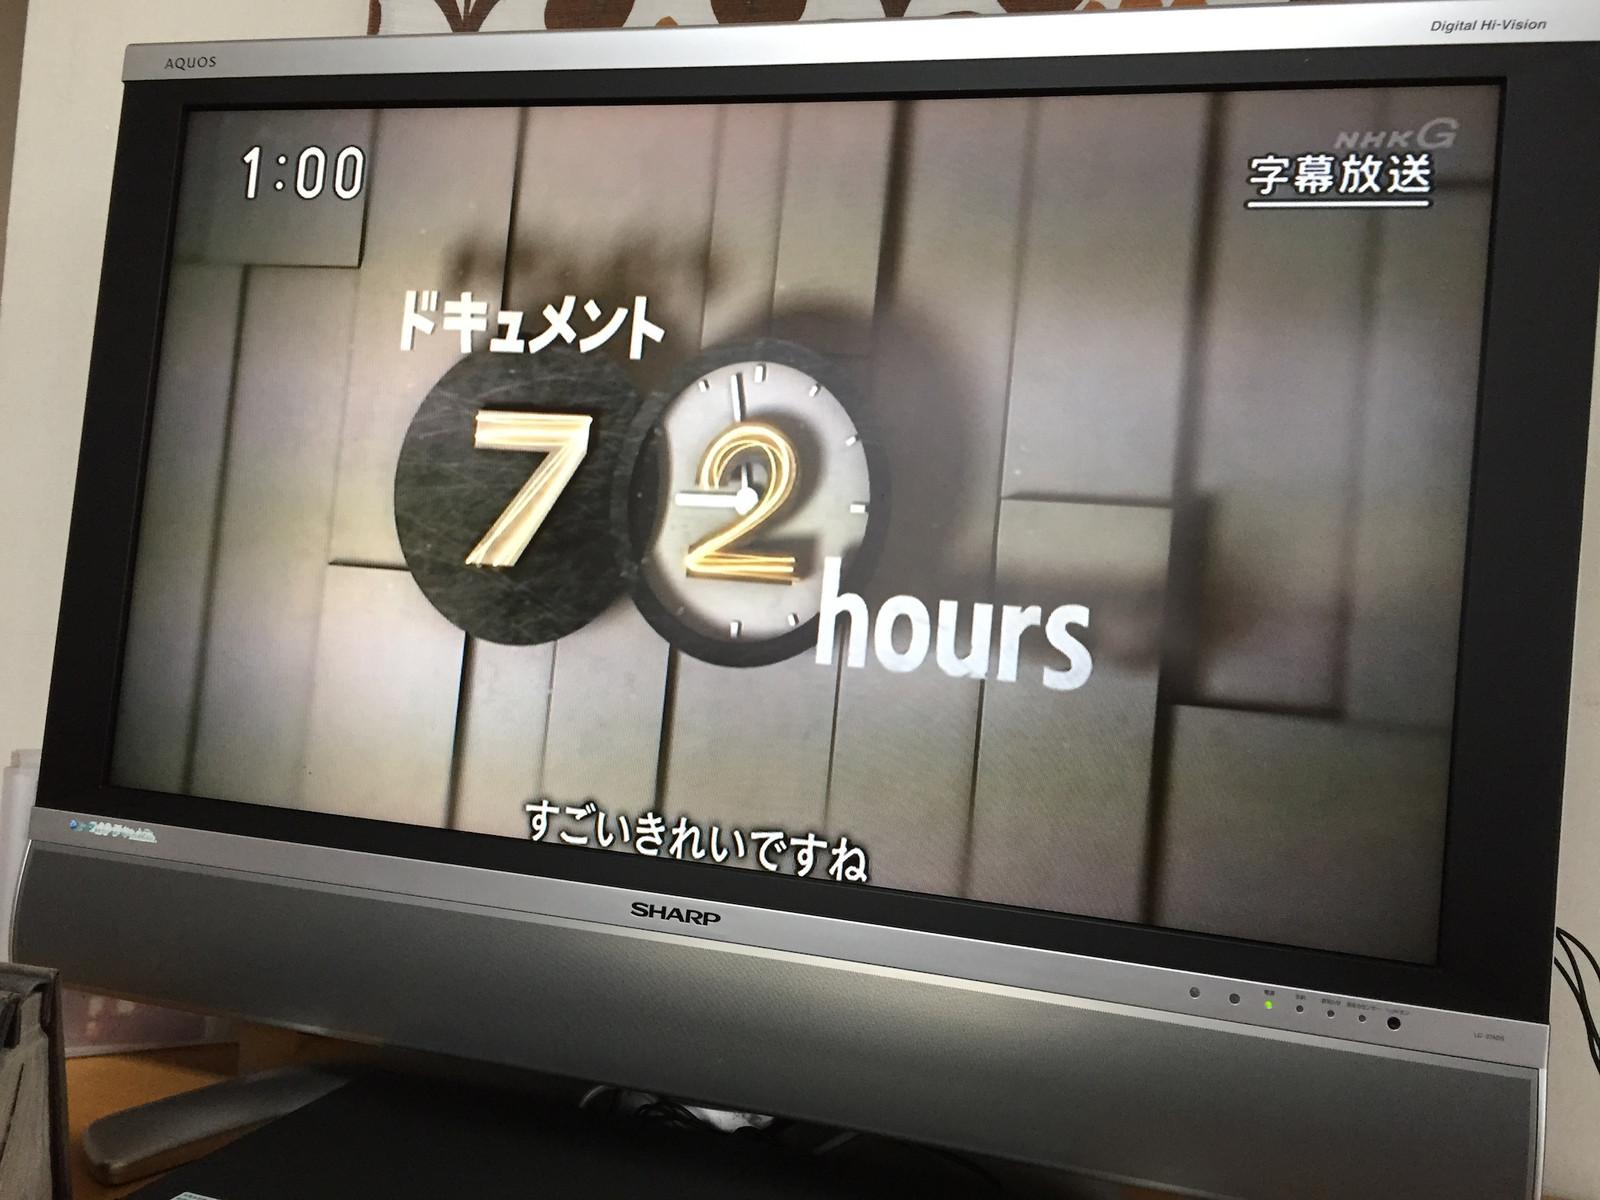 放送 再 ドキュメント 時間 72